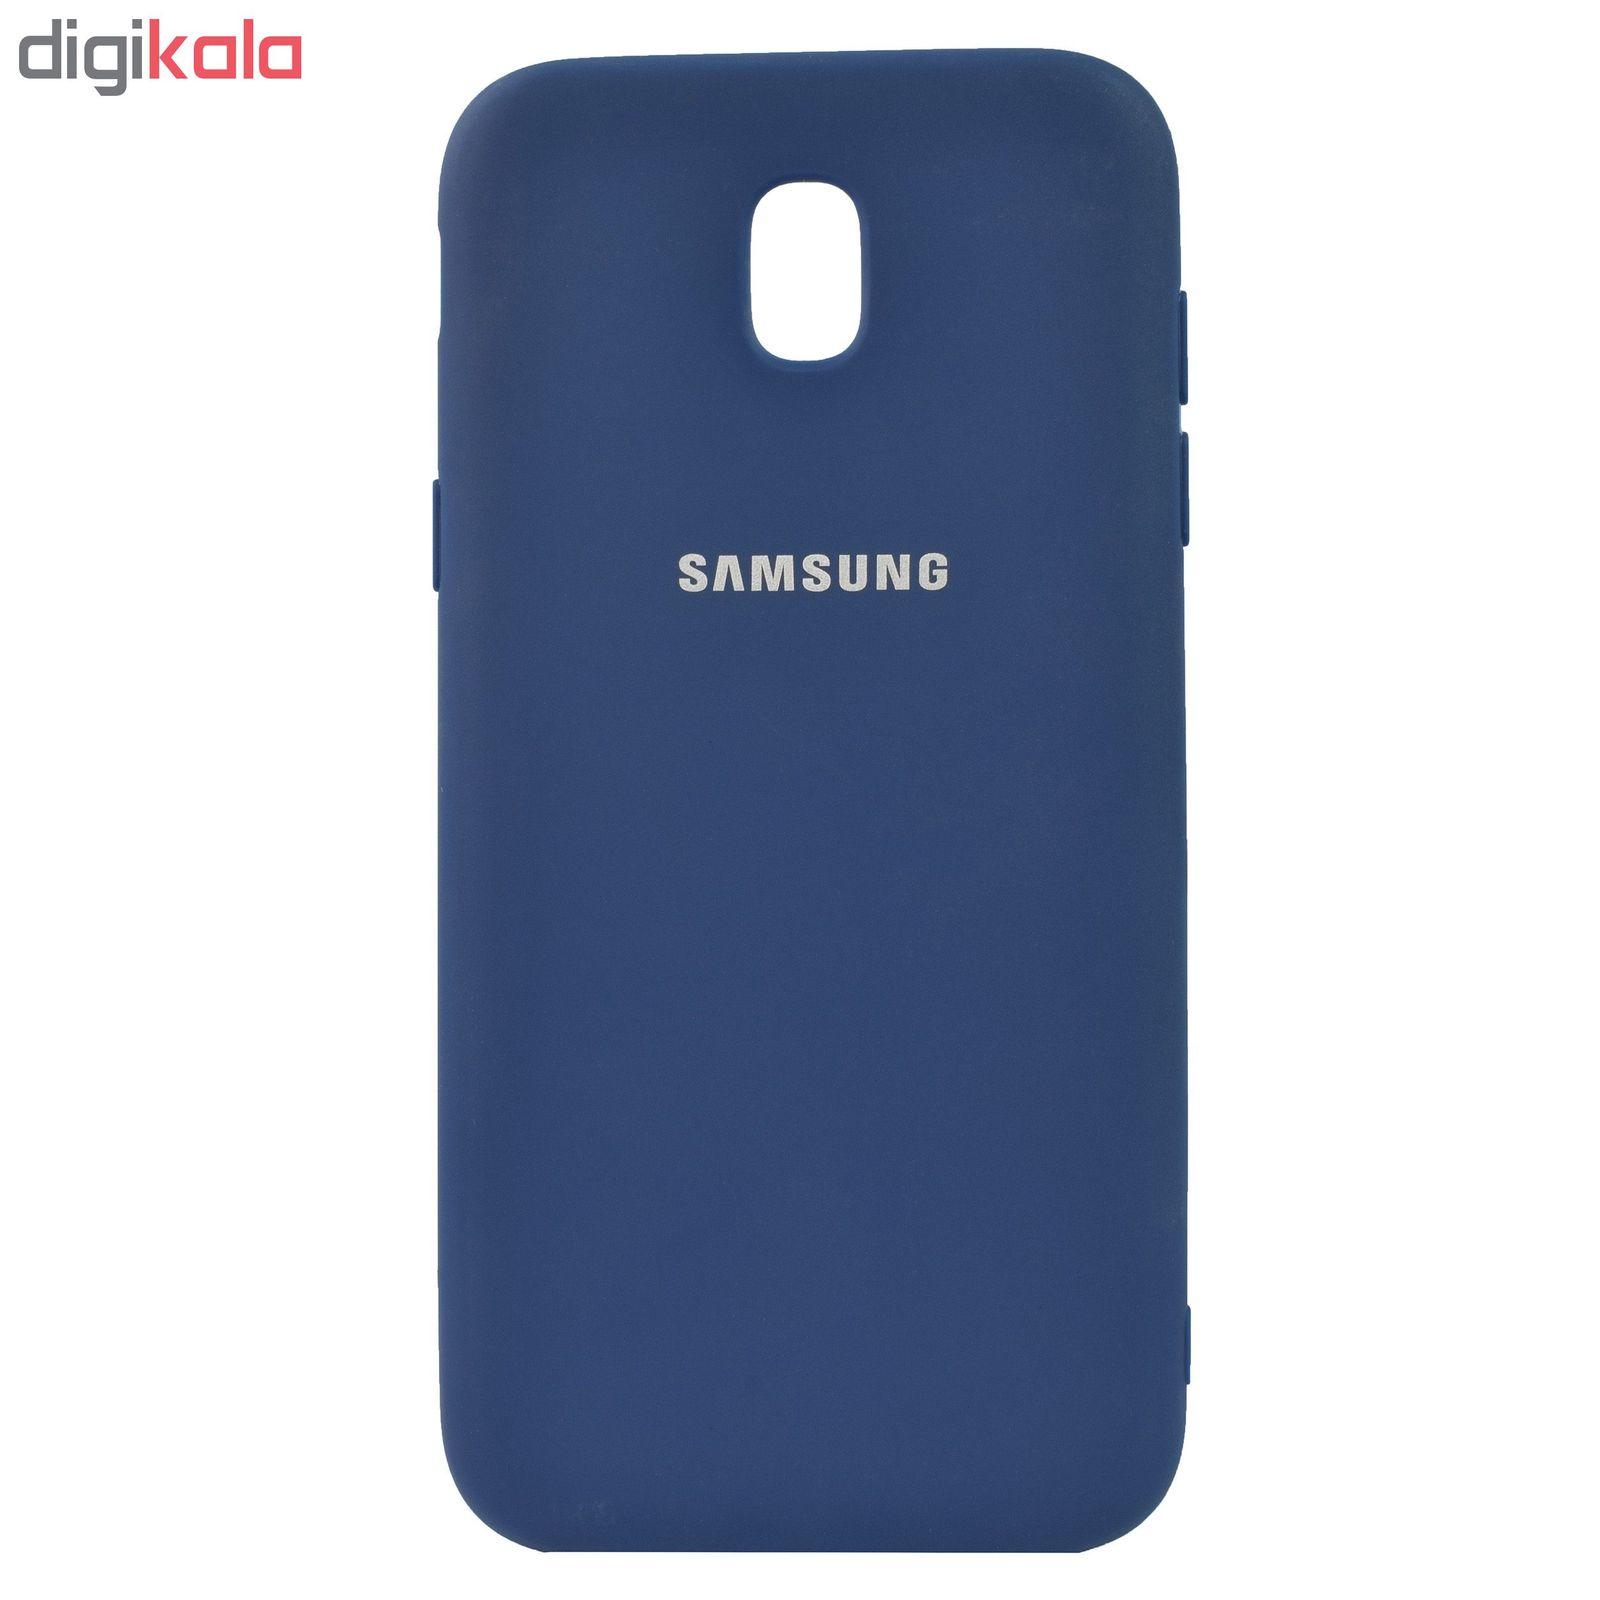 کاور مدل SC20 مناسب برای گوشی موبایل سامسونگ Galaxy J7 Pro / J730 main 1 5